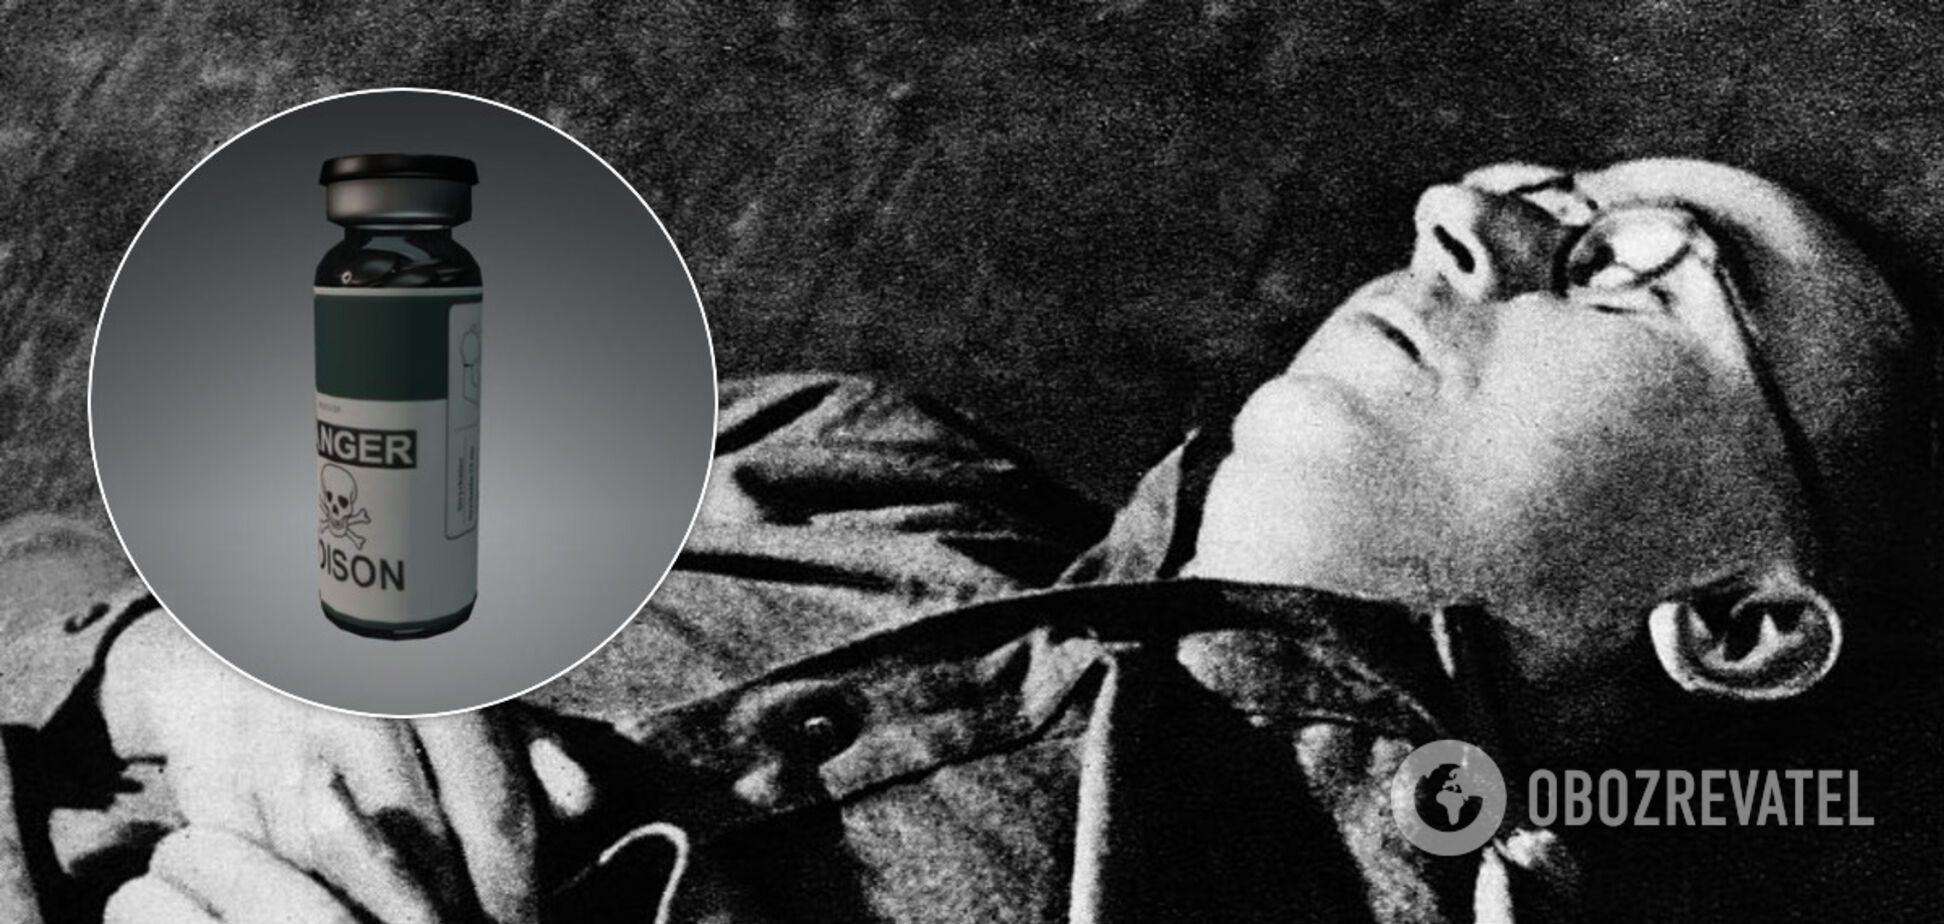 'Язык зафиксировали иглой': стало известно о последних часах жизни Гиммлера